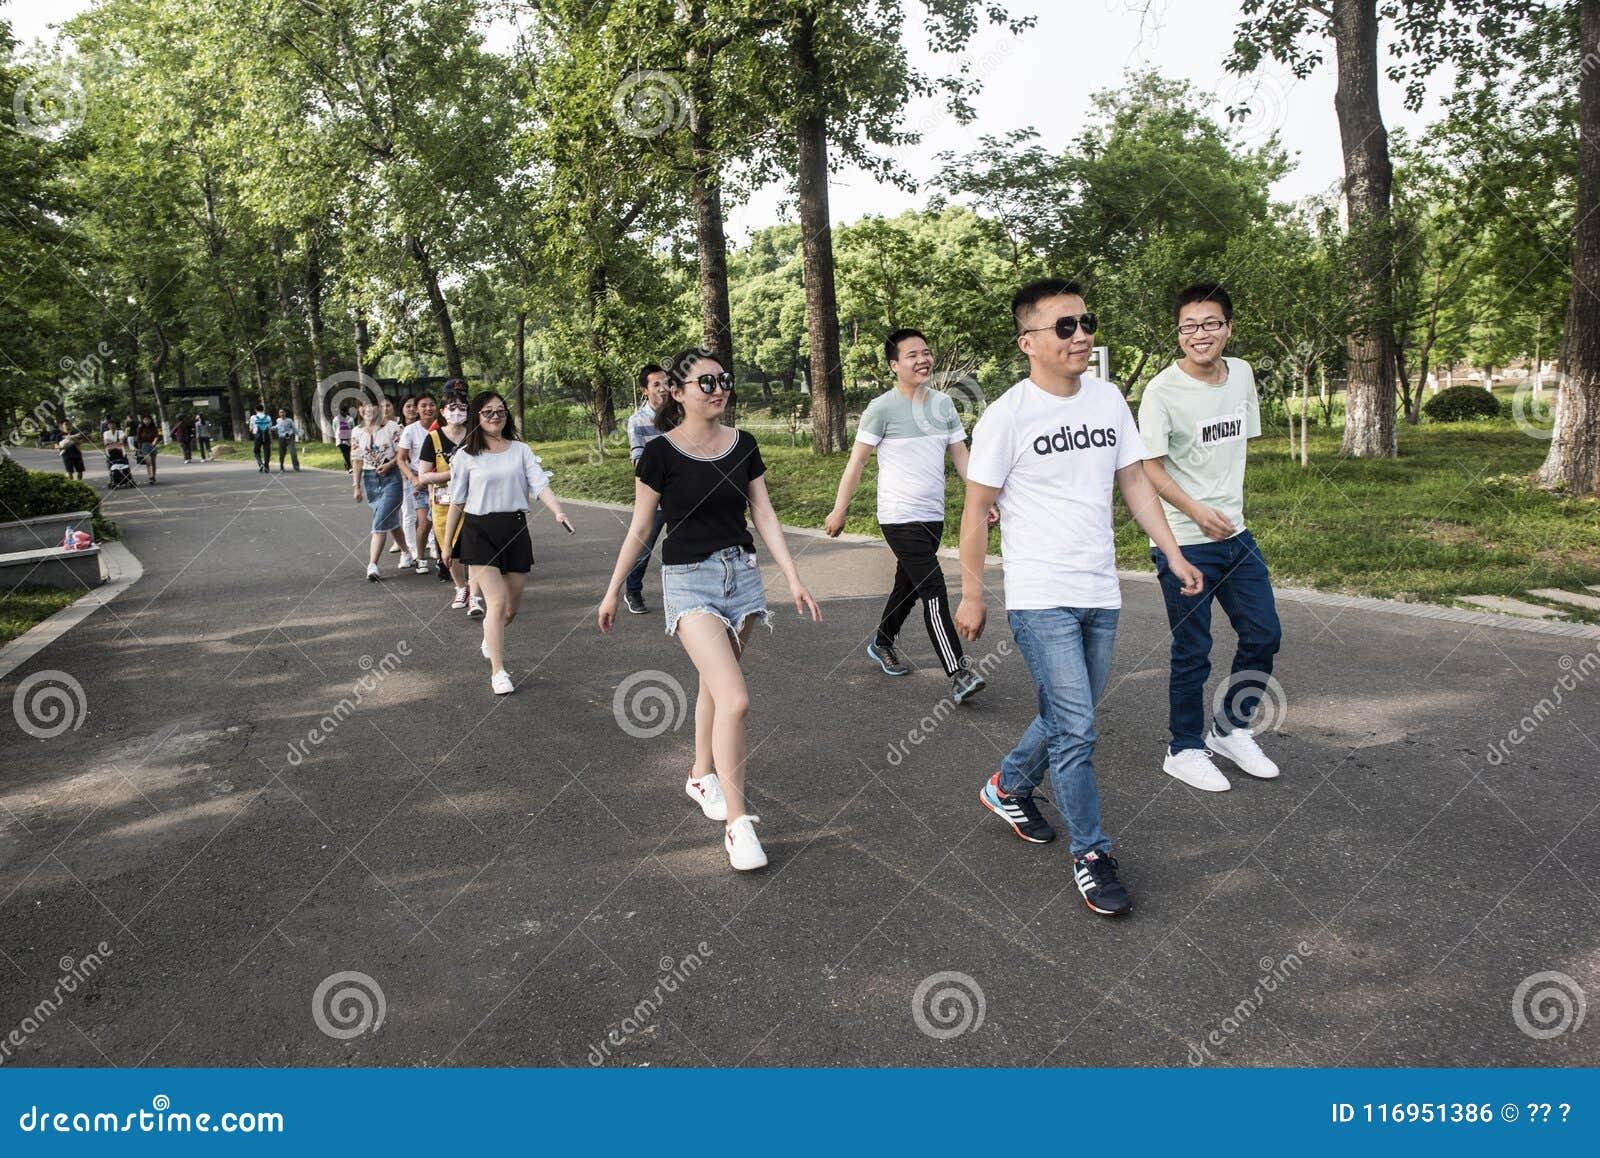 Parque del lago Xuanwu, grupo de estudiantes universitarios, cambiando el vídeo de la formación